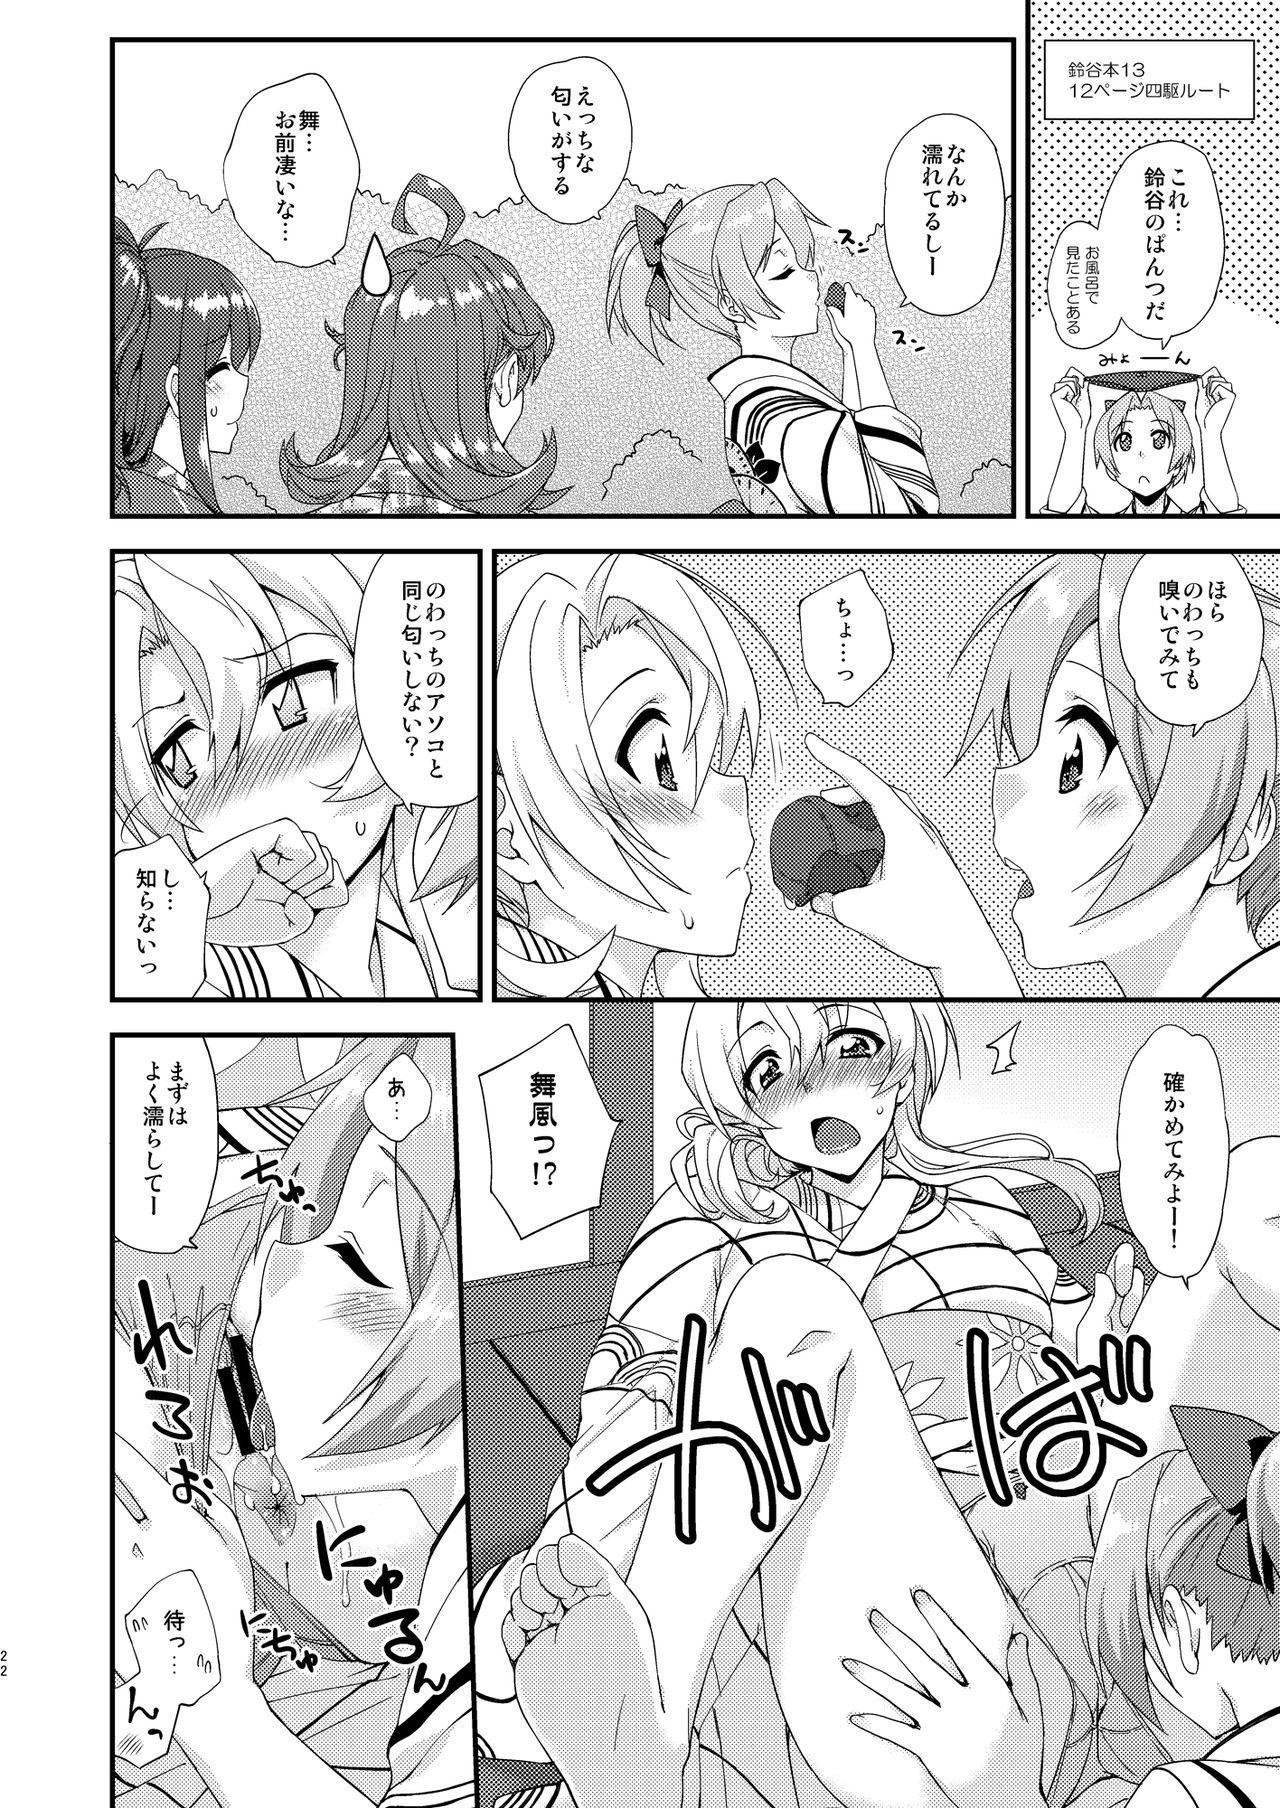 Fruitsjam no Kanzume 3 Omakebon Matome + 21